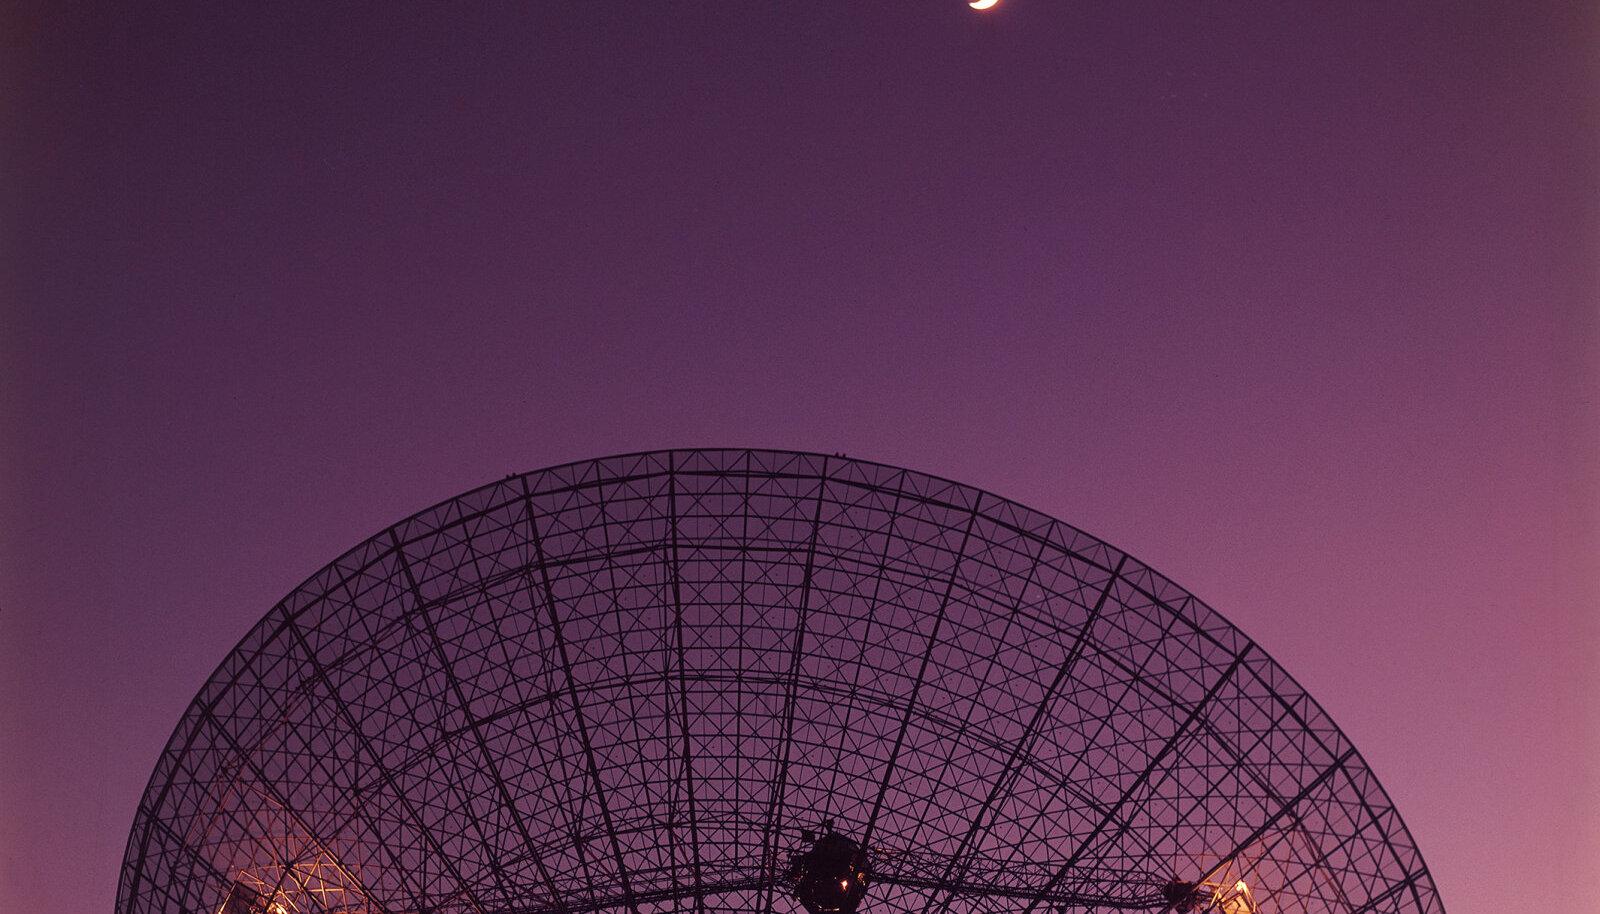 Parkesi raadioteleskoobi taldrik aastal 1969 Apollo 11 missiooni signaale vastu võtmas.